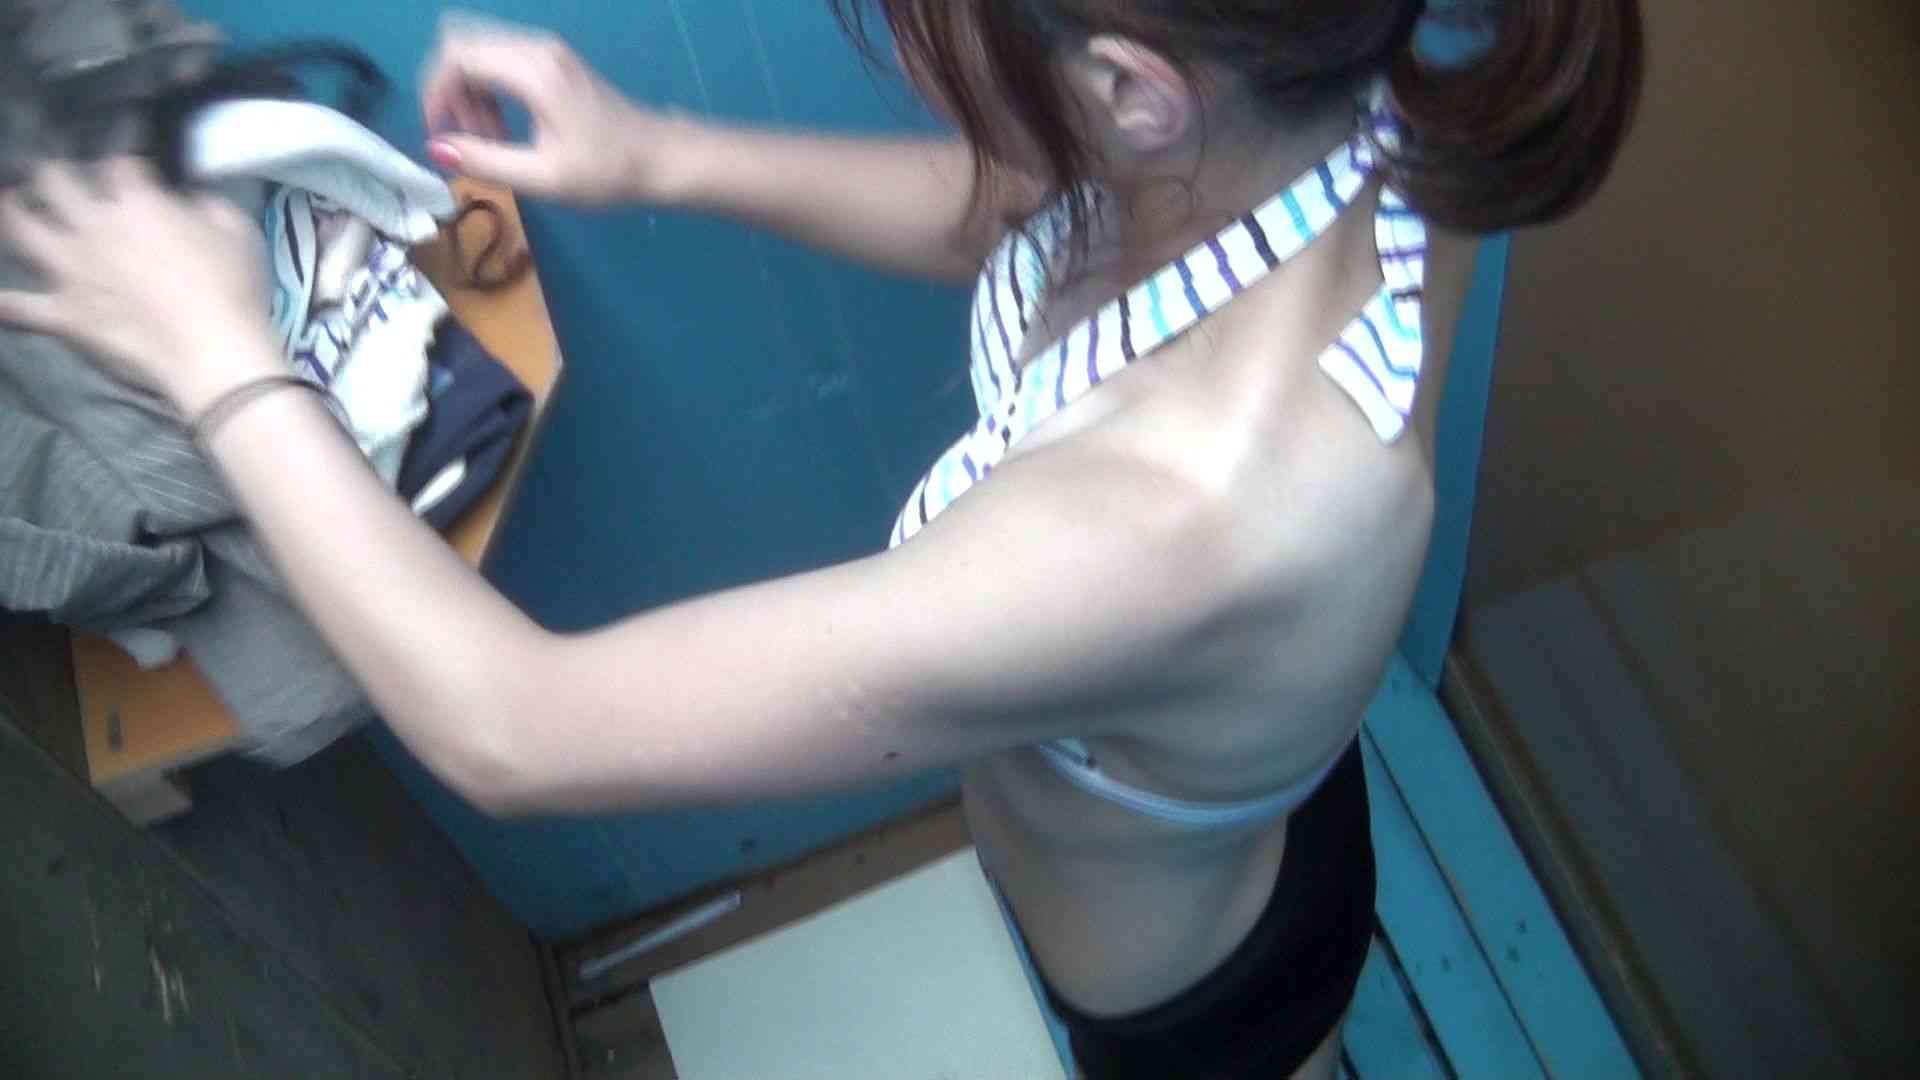 シャワールームは超!!危険な香りVol.27 乳首は一瞬貧乳姉さん 貧乳  103pic 90